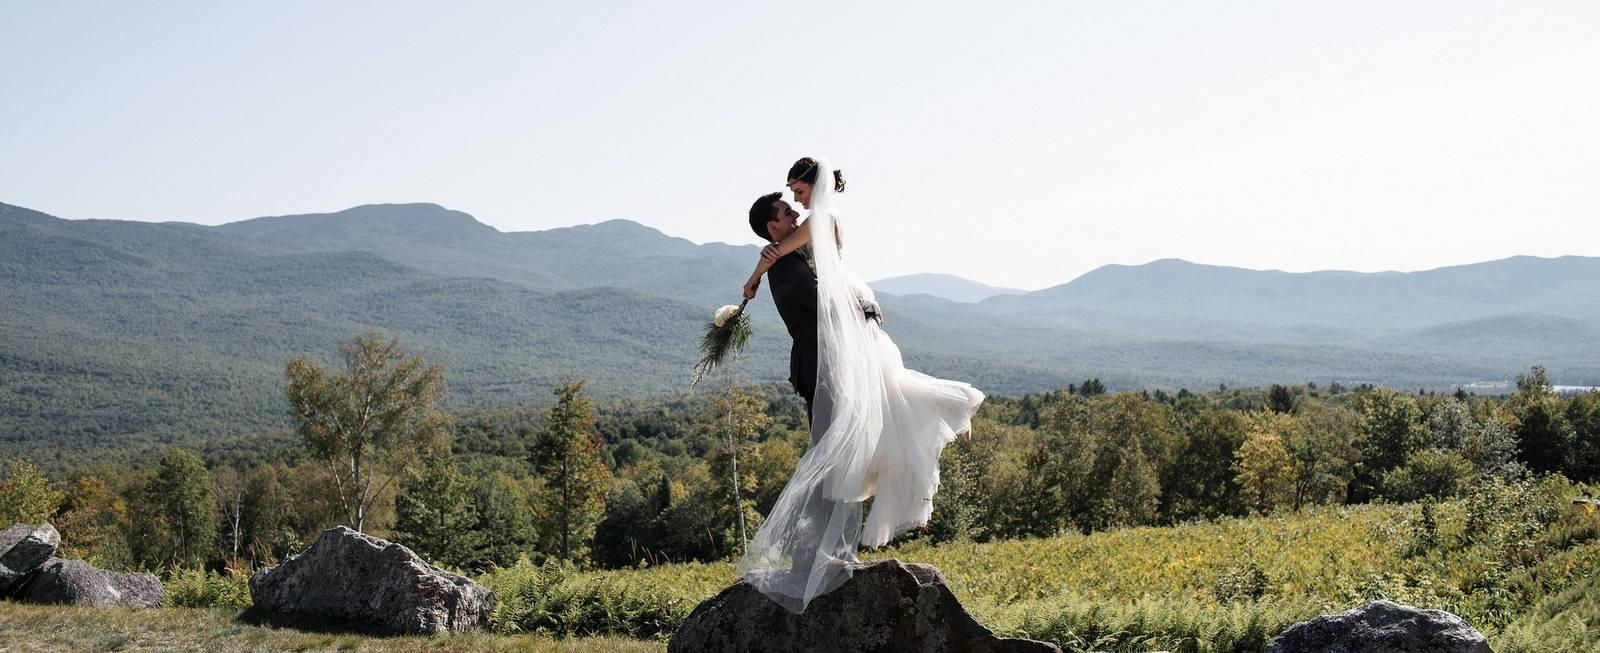 Песочная церемония на свадьбе: новая экзотическая традиция